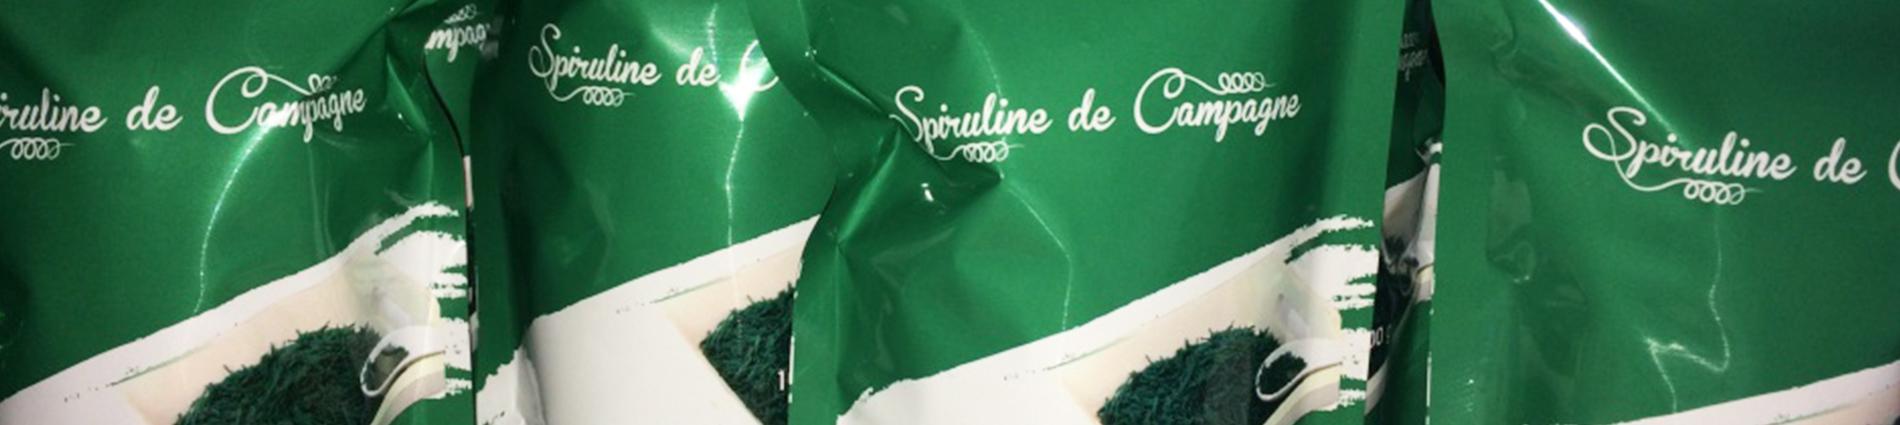 La spiruline en Aquitaine